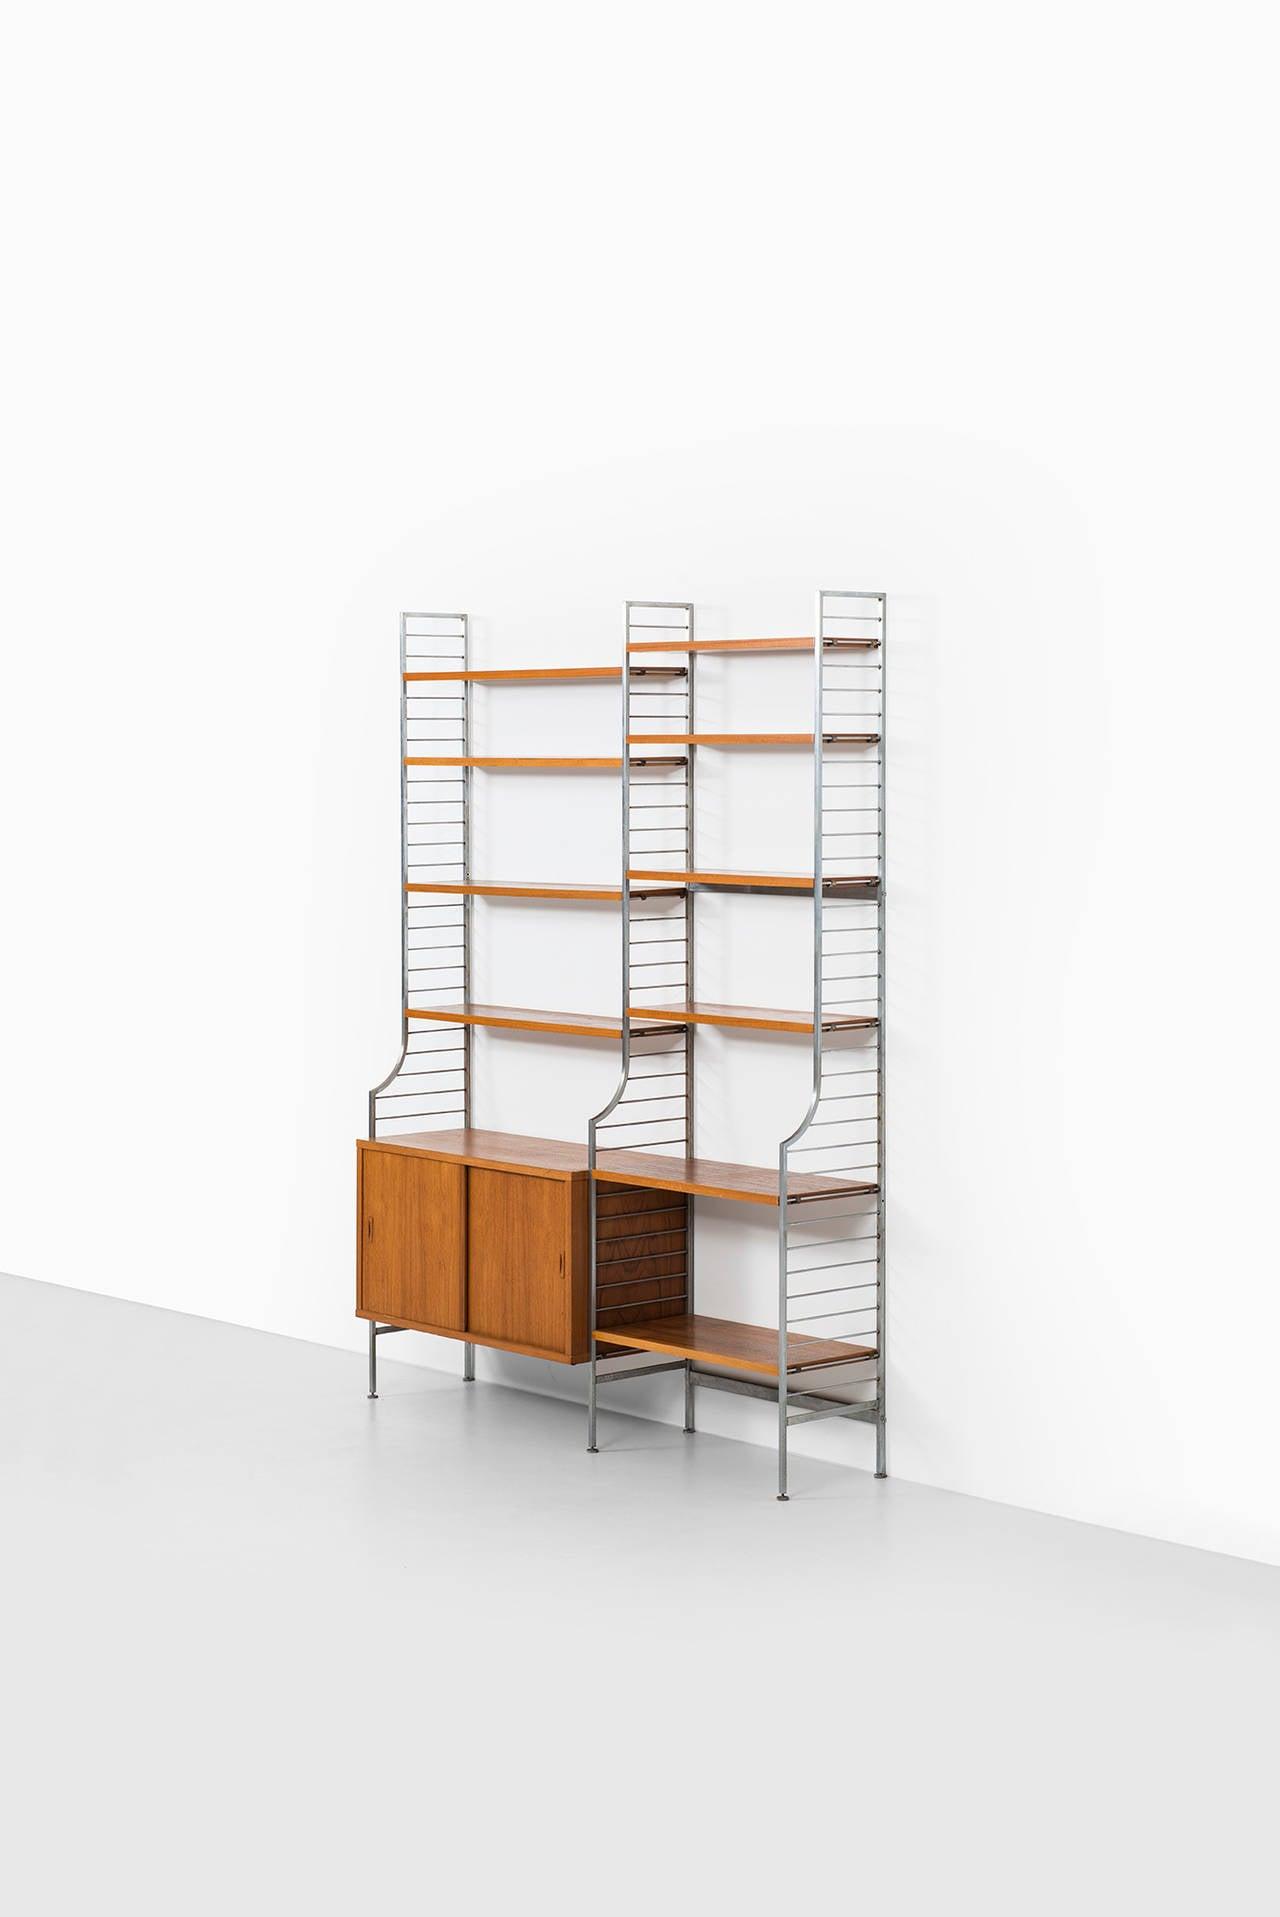 nisse strinning continental shelf system by string design ab in sweden at 1stdibs. Black Bedroom Furniture Sets. Home Design Ideas